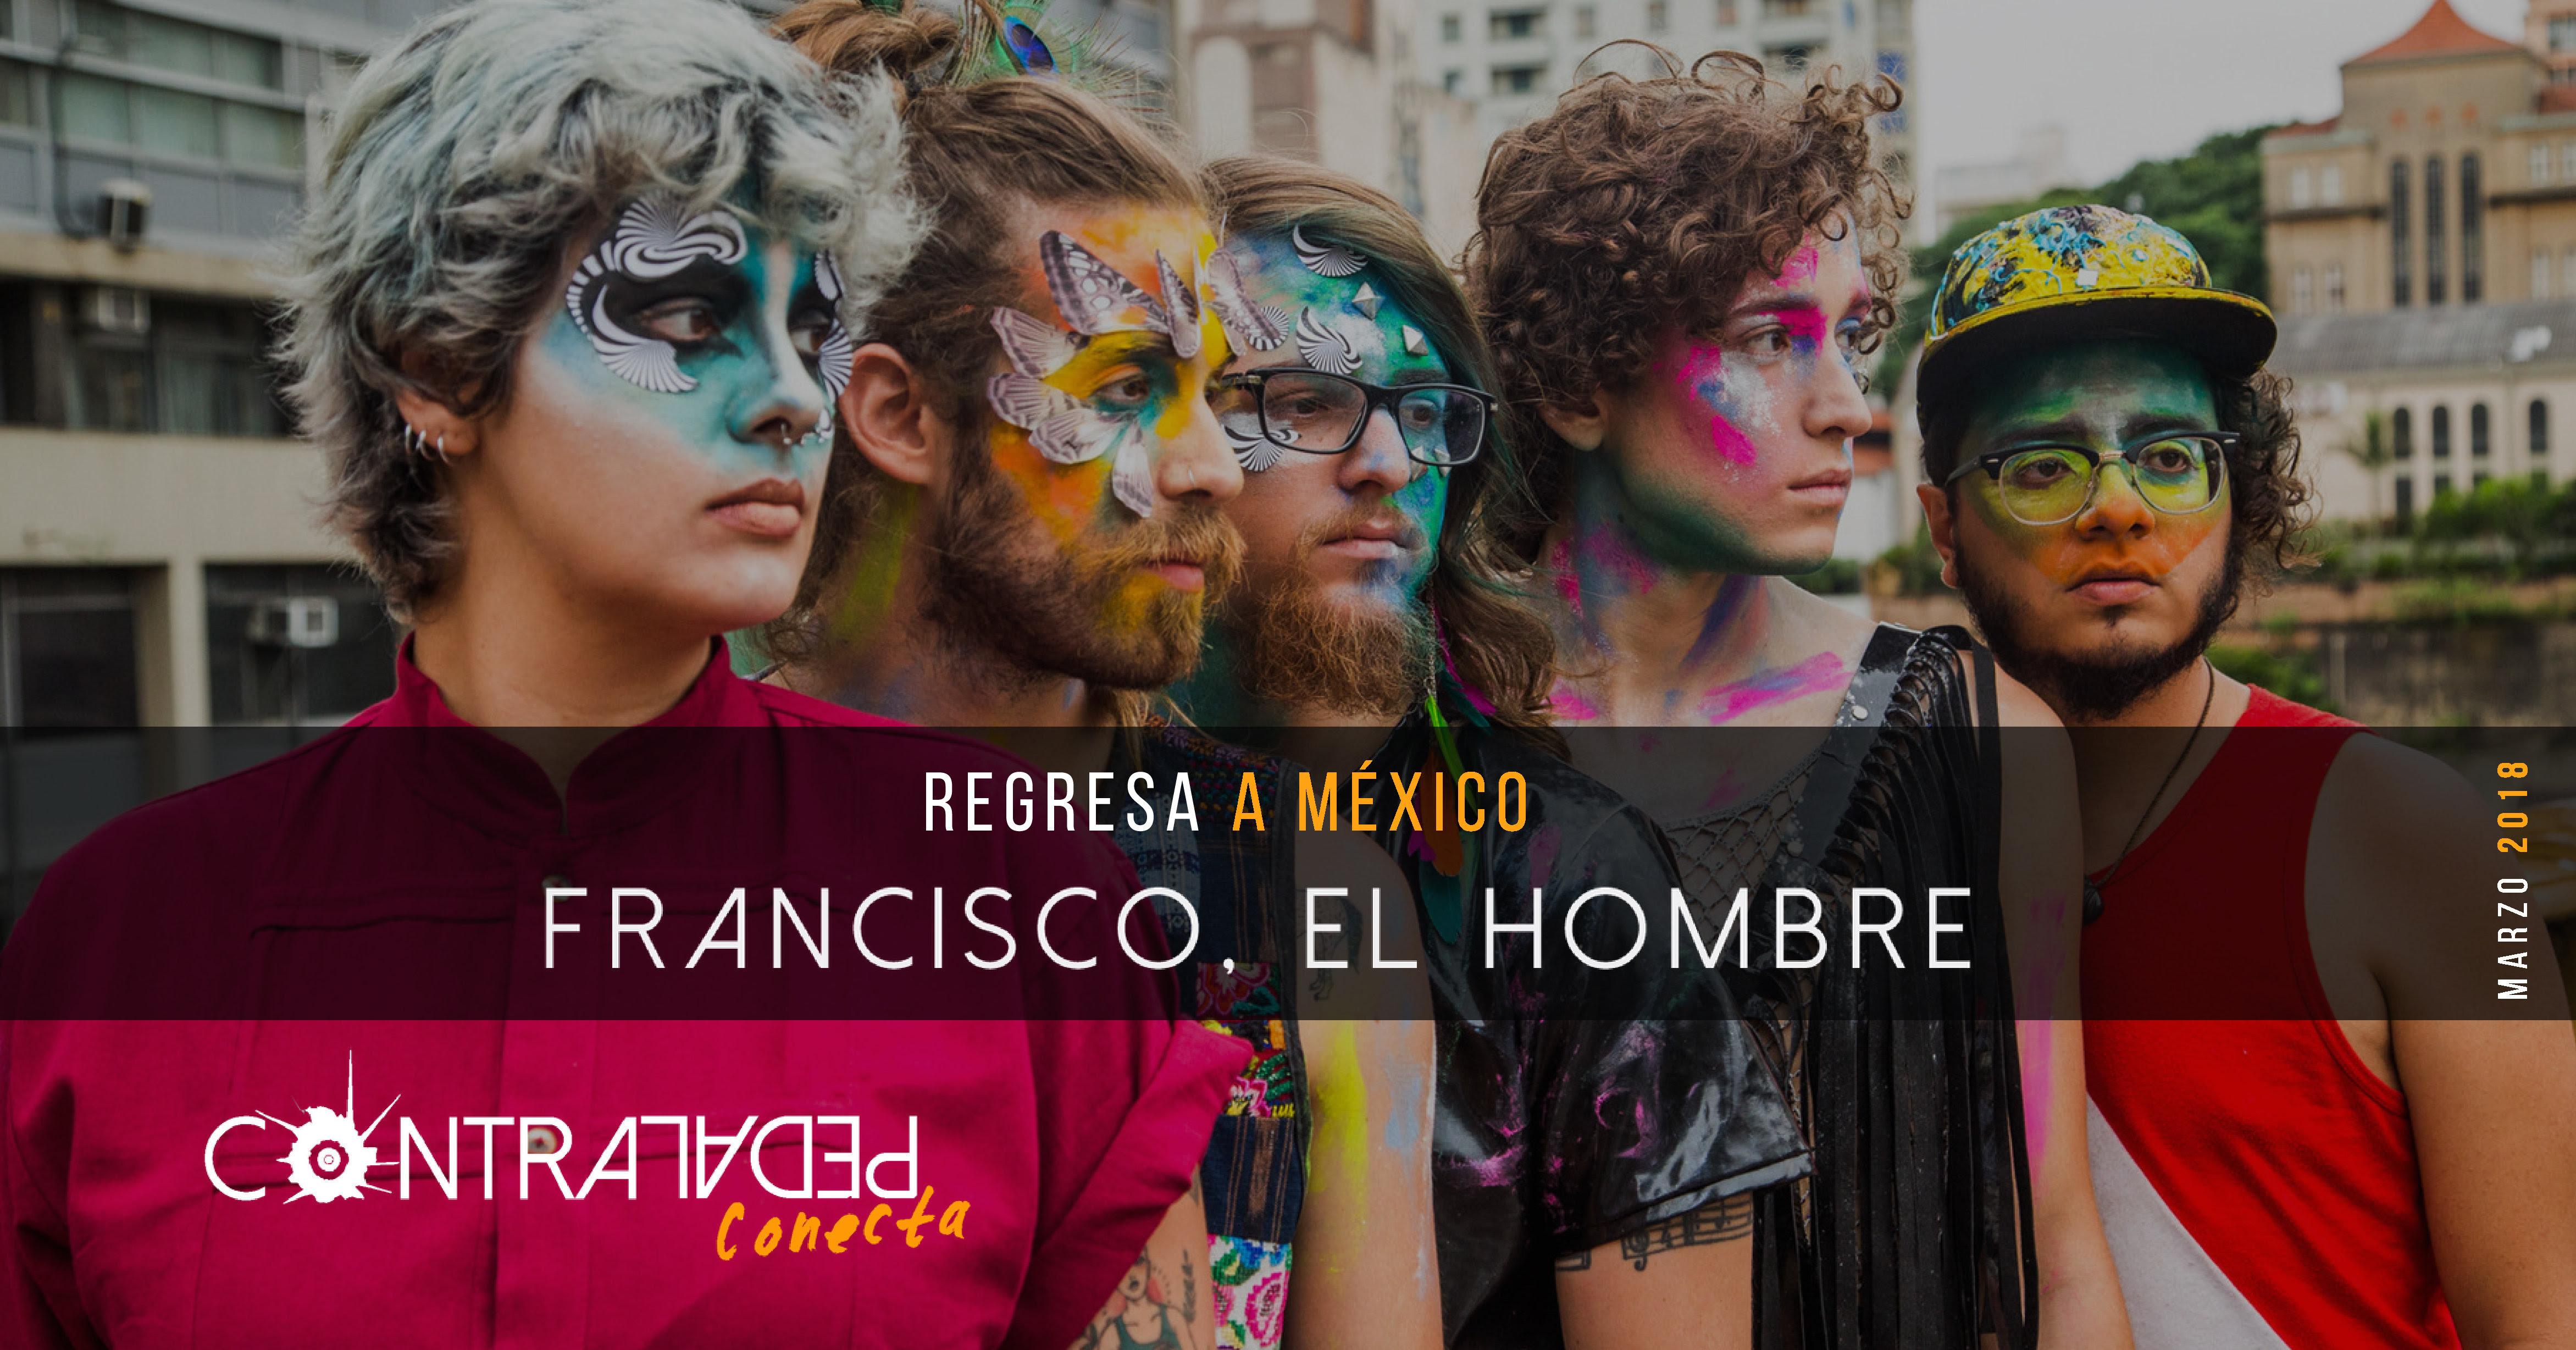 Empezamos 2018 con nuevovideo clipy unamega gira por México!